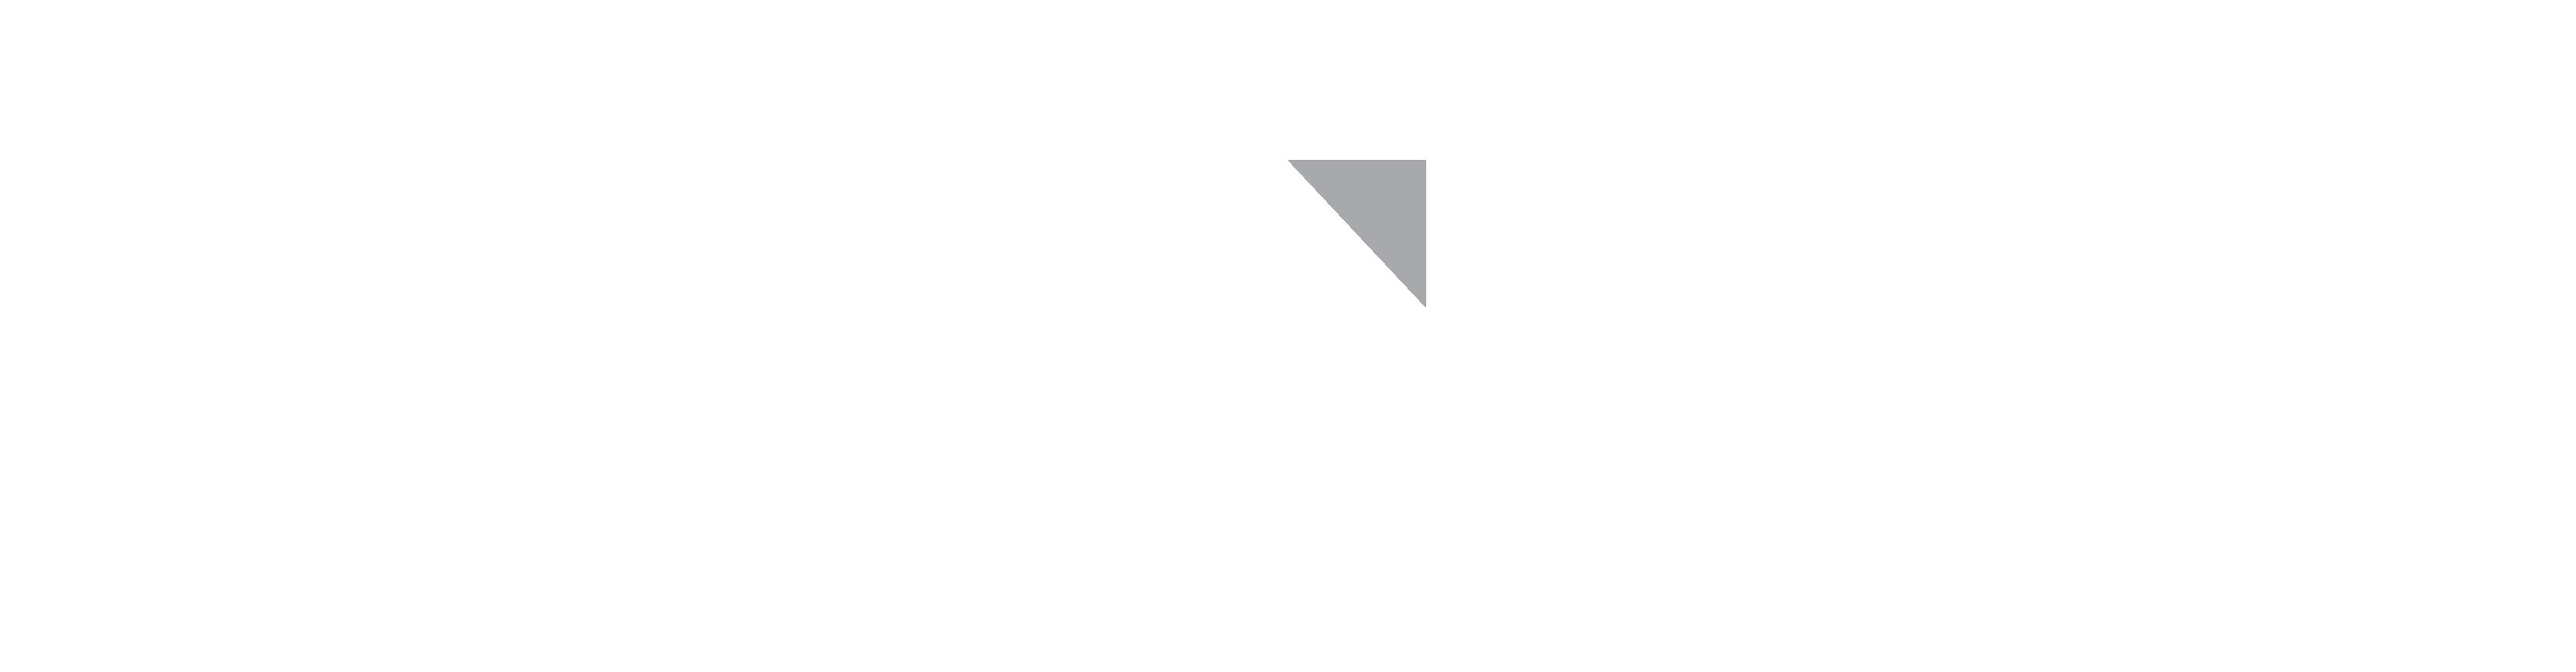 CTOS-Digital-Logo-(1)-Reverse-White-testing